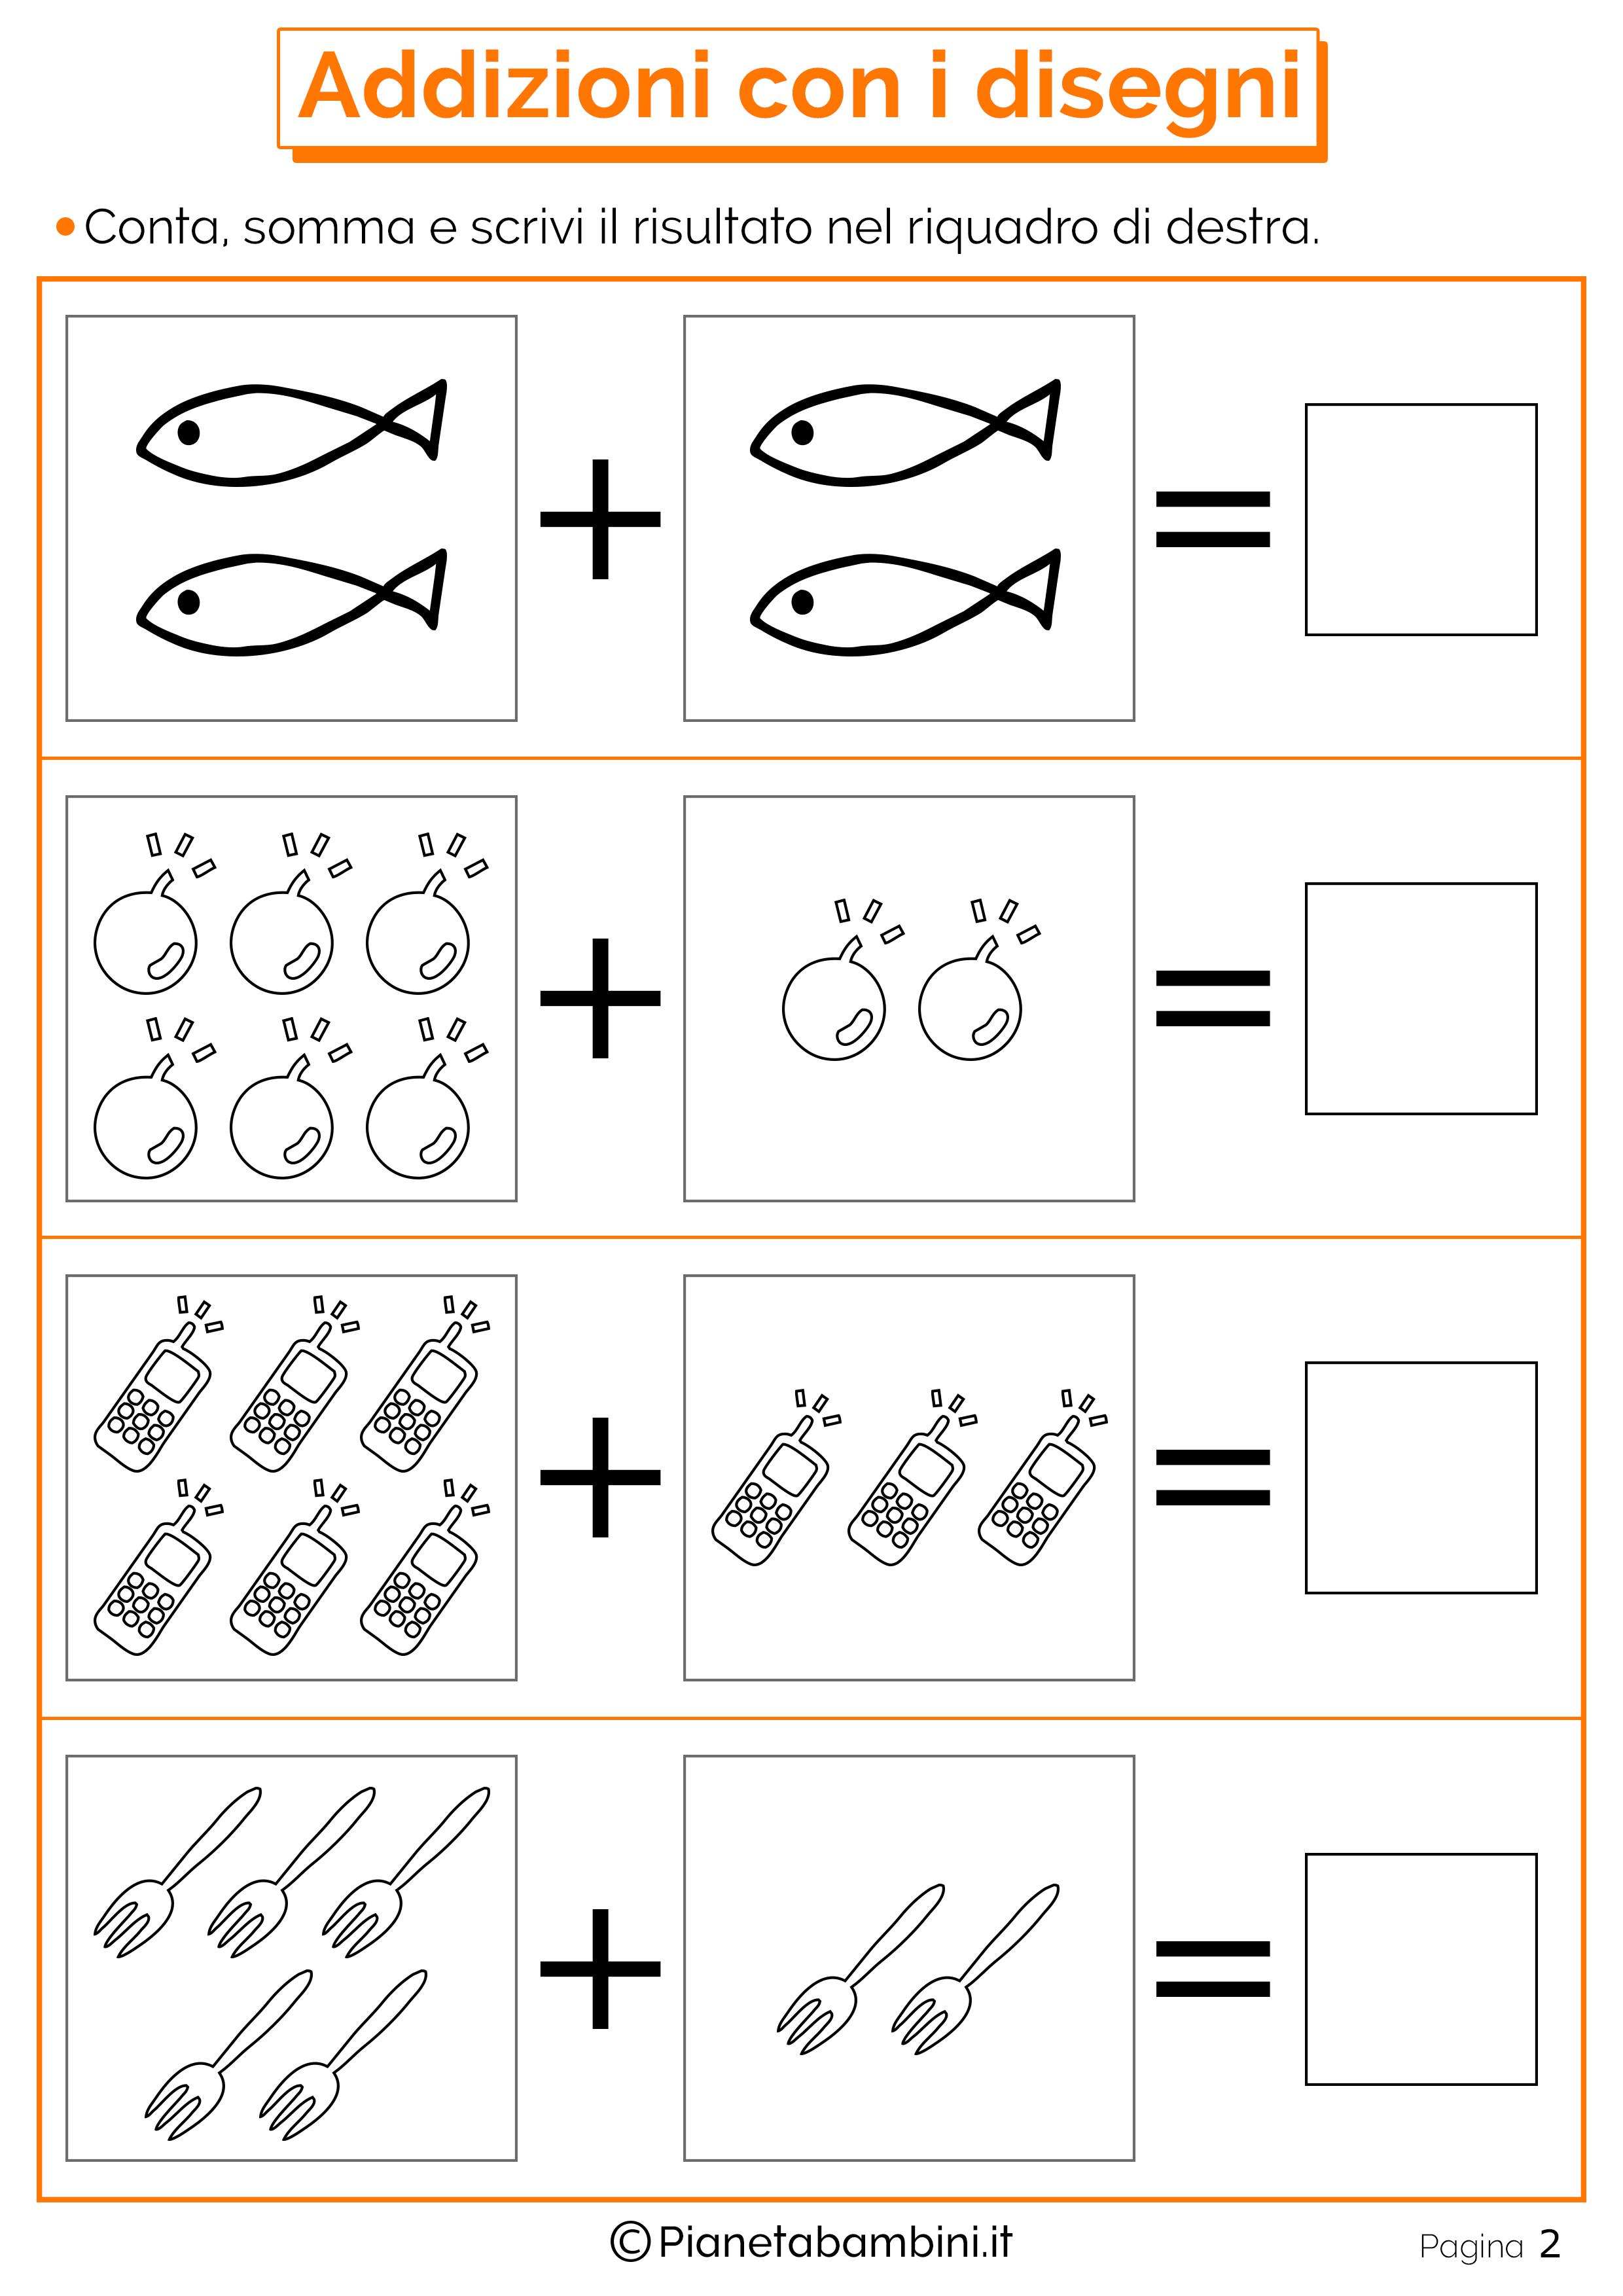 Connu Giochi di Matematica sulle Addizioni per Bambini da Stampare  MD12